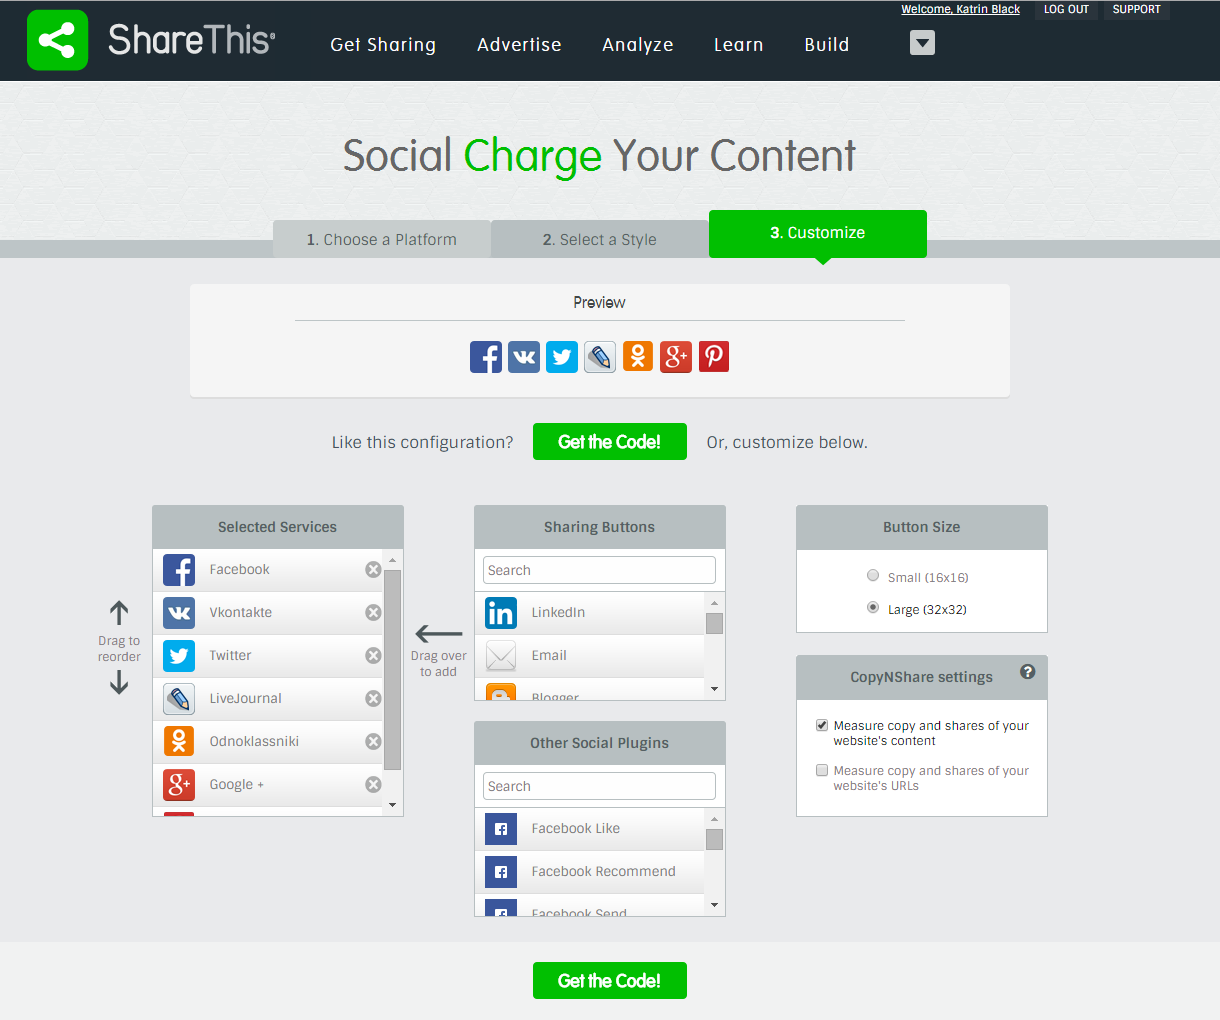 Как установить в блог кнопки социальных сетей?